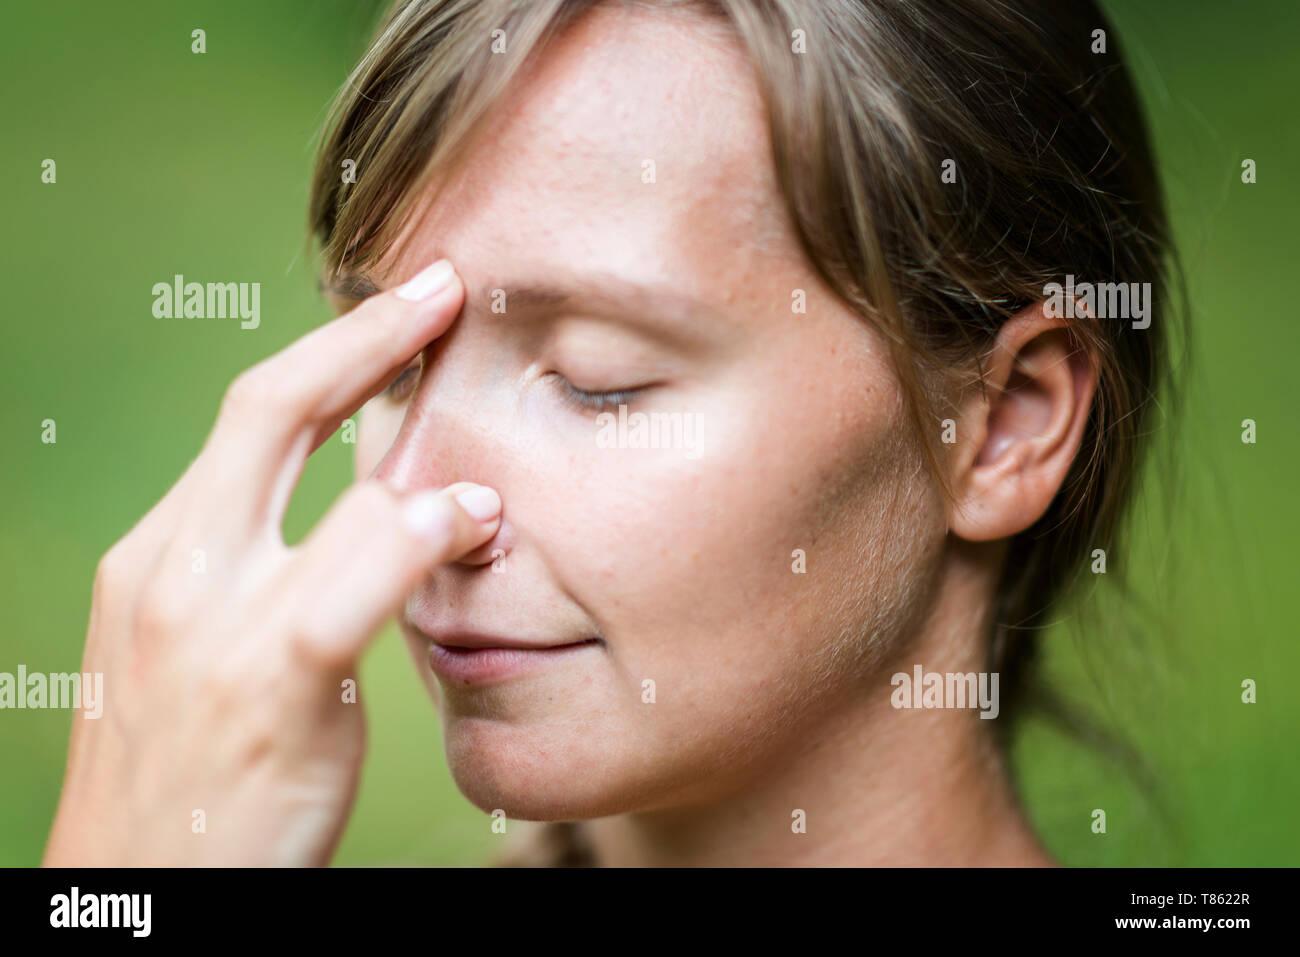 Pranayama yogic breathing - Stock Image